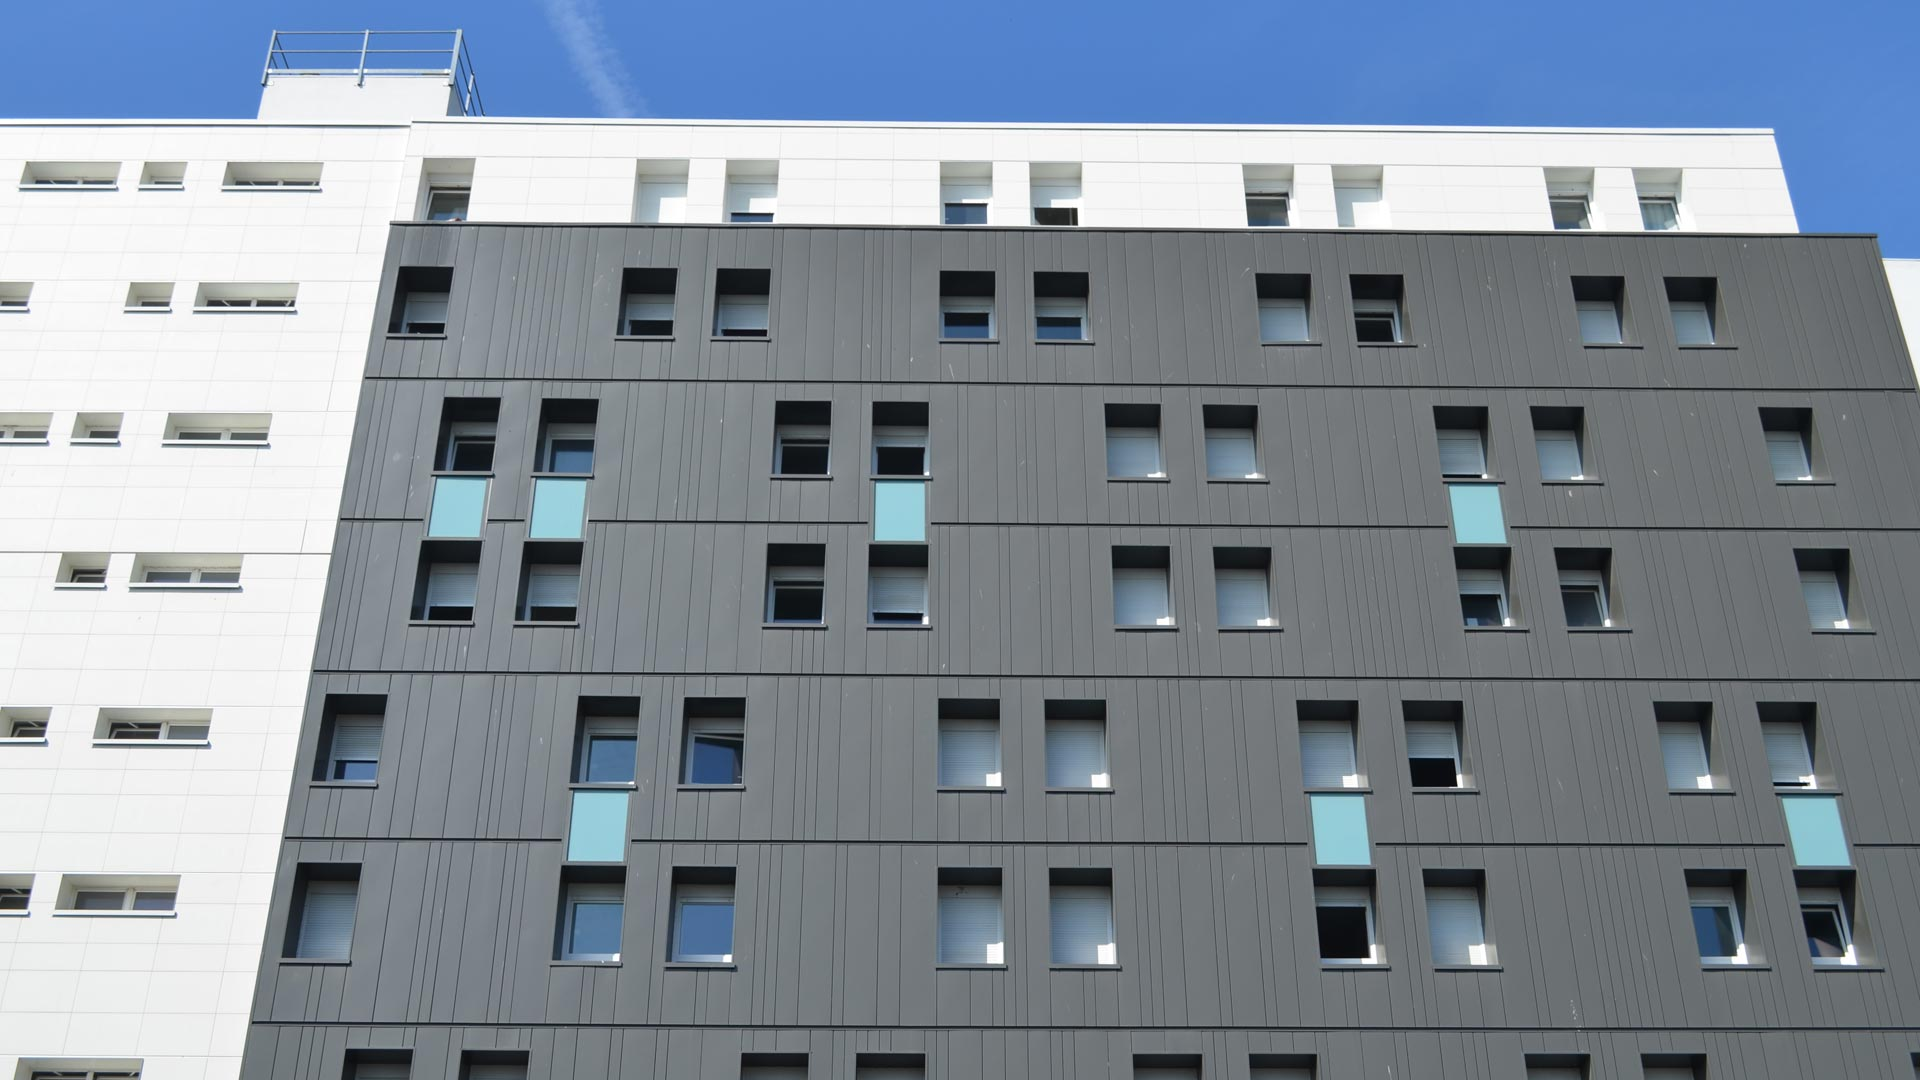 Piedra fachada ventilada - Fachadas ventiladas de piedra ...